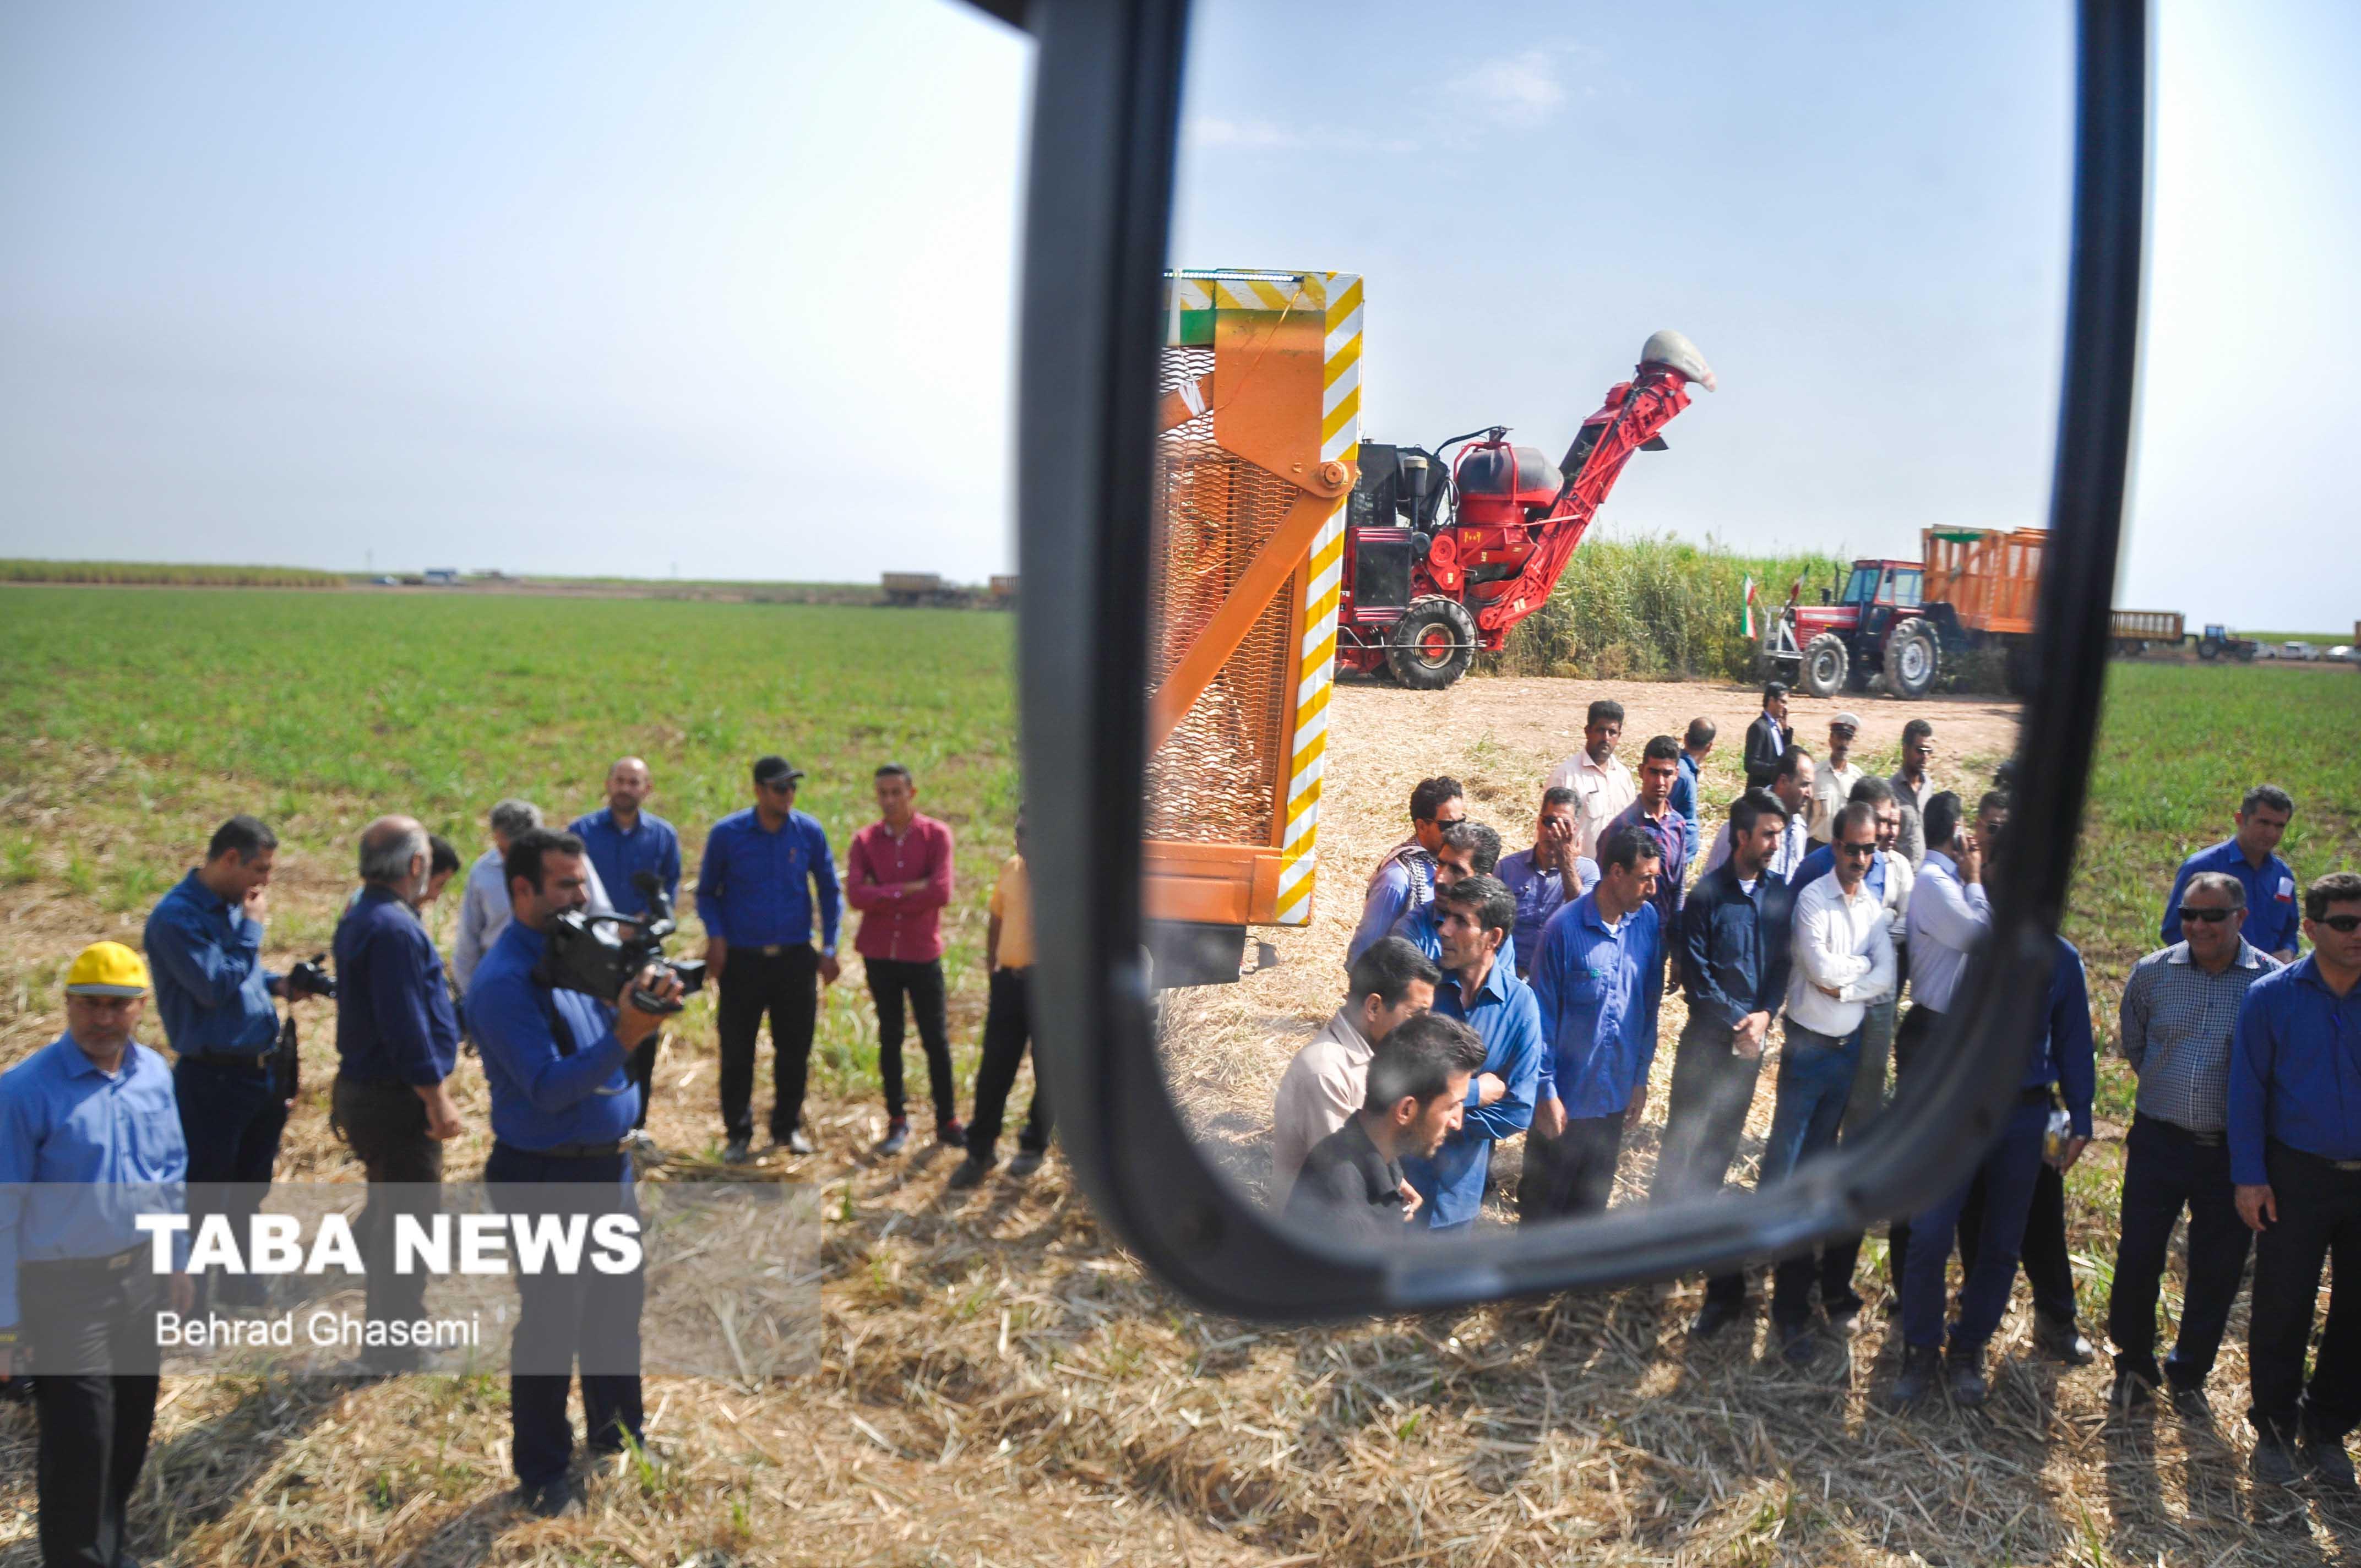 دولتمردان دفاع از حقوق کارگران شرکت هفت تپه را «توهین» تلقی میکنند